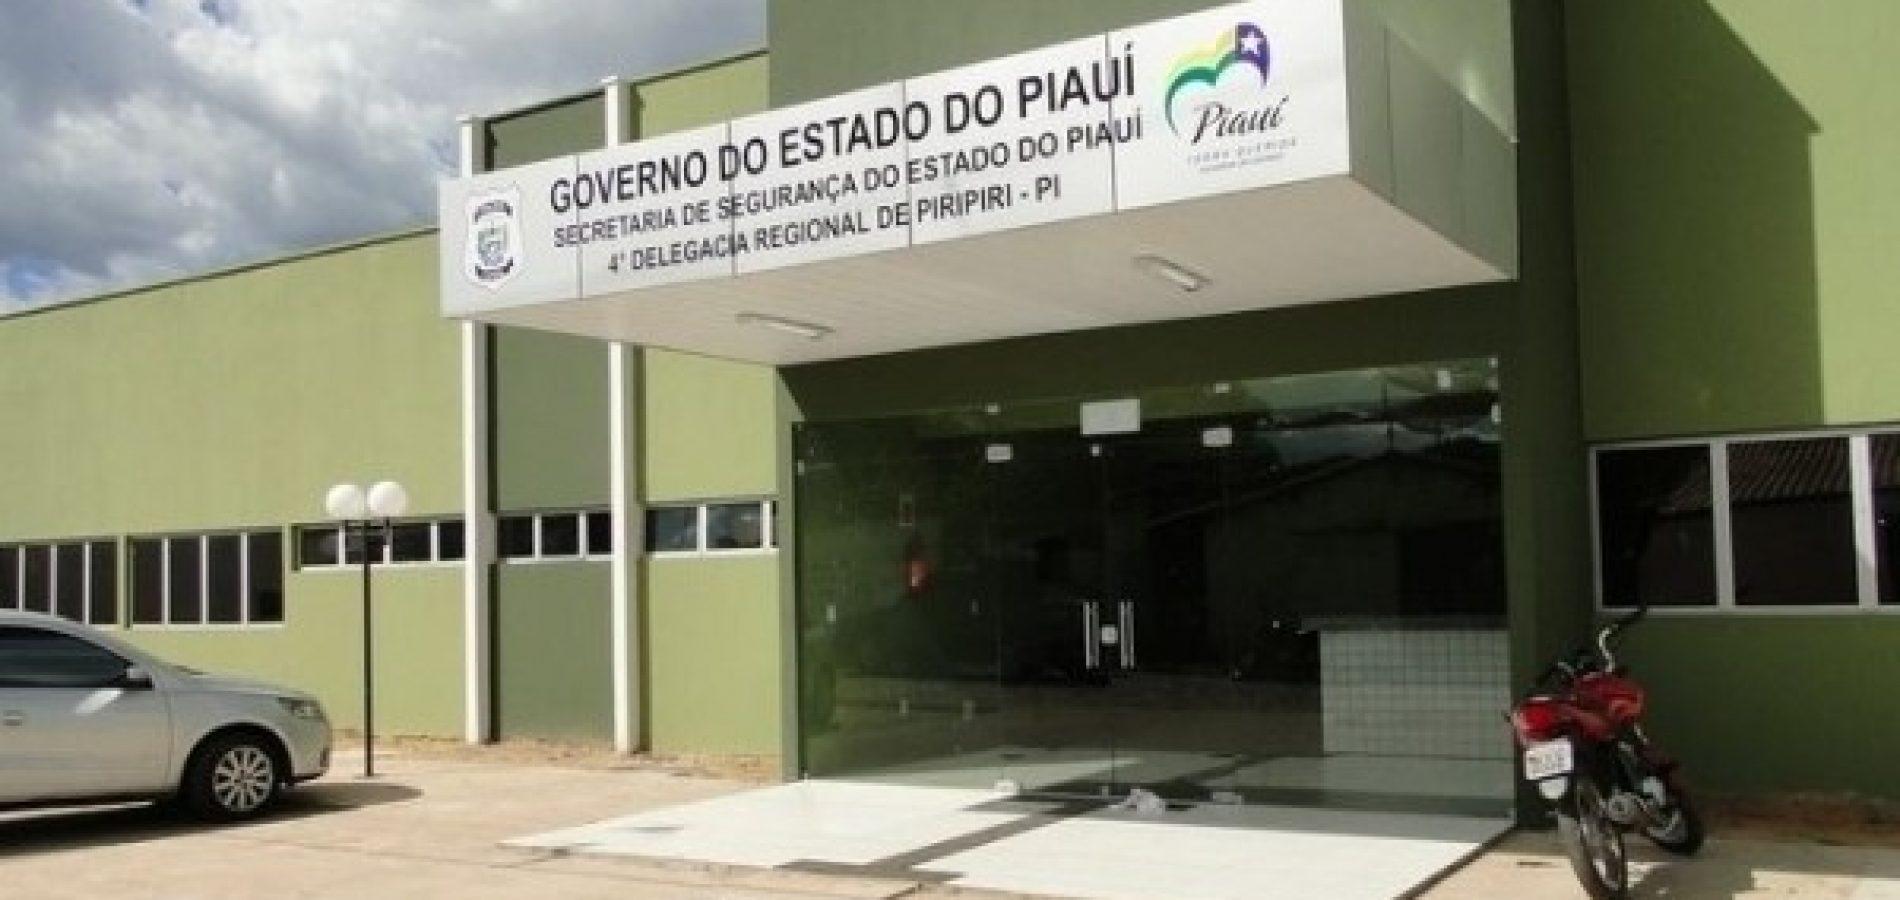 Suspeito de matar presidiário no Piauí é detido em operação da Polícia Civil